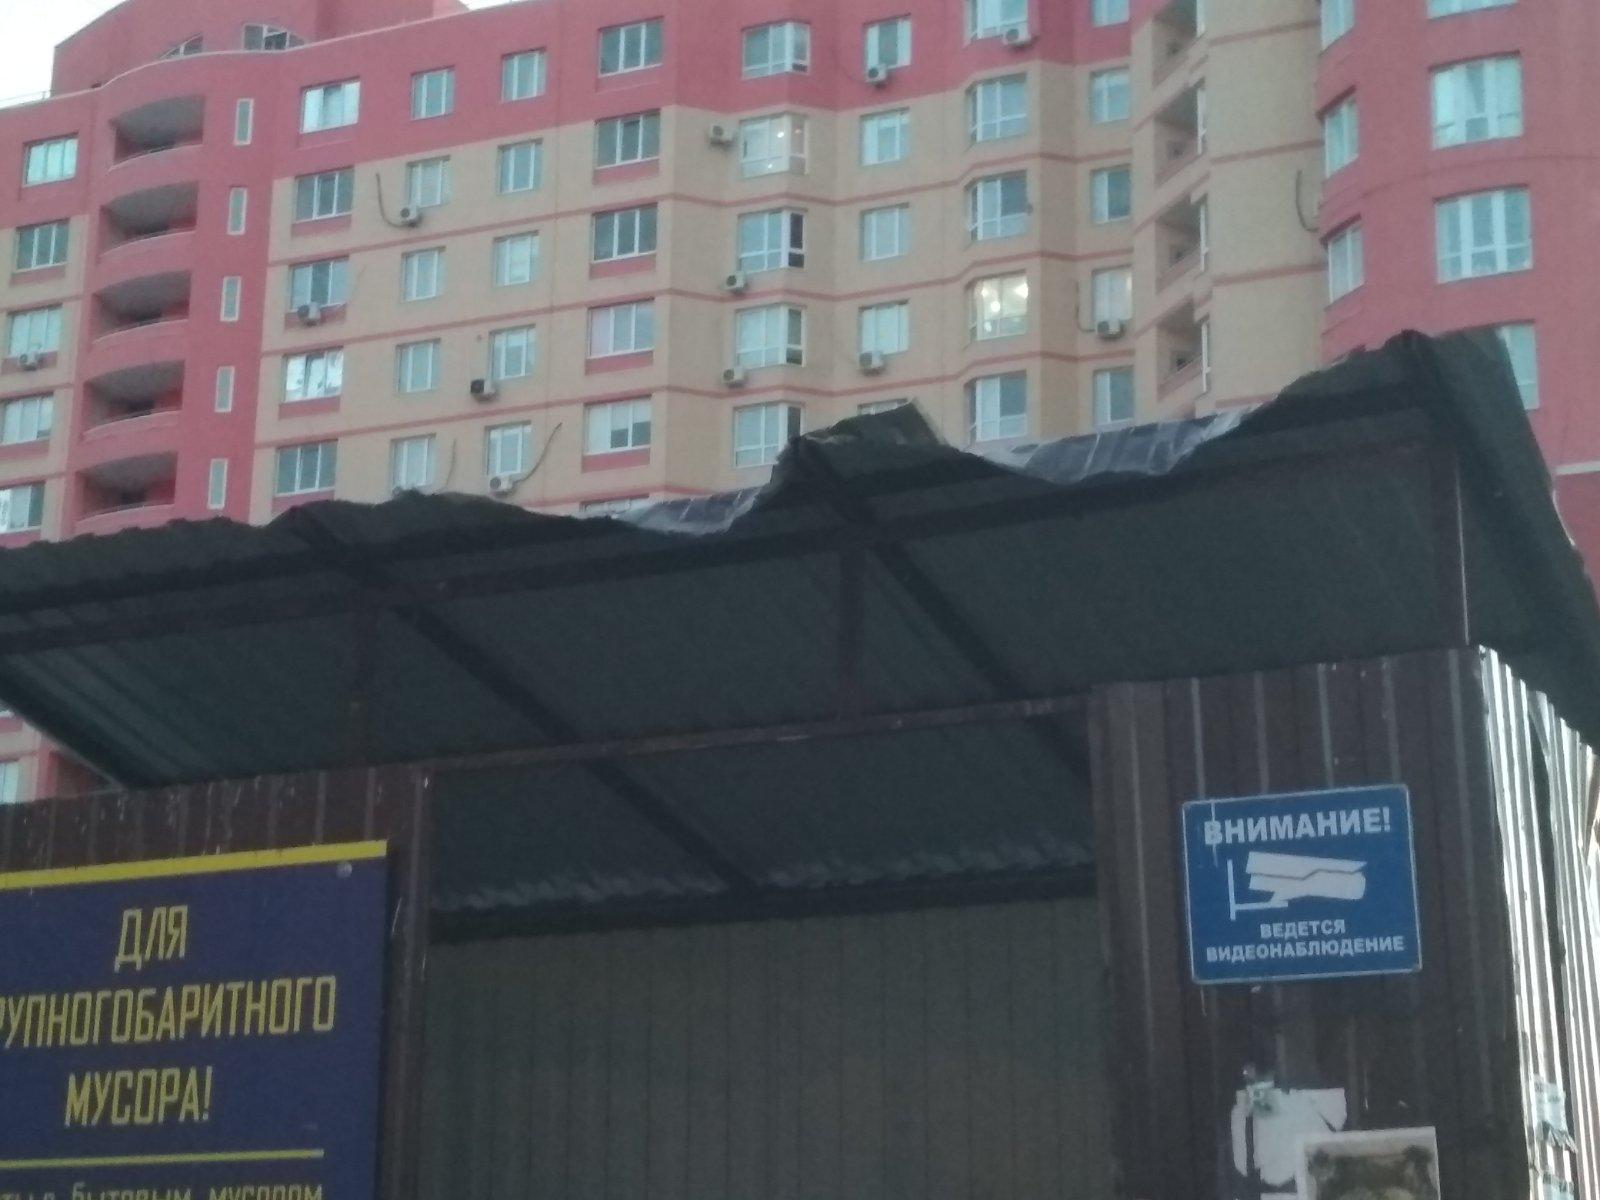 Ремонт крыши строения на мусорной площадке Салмышская 47